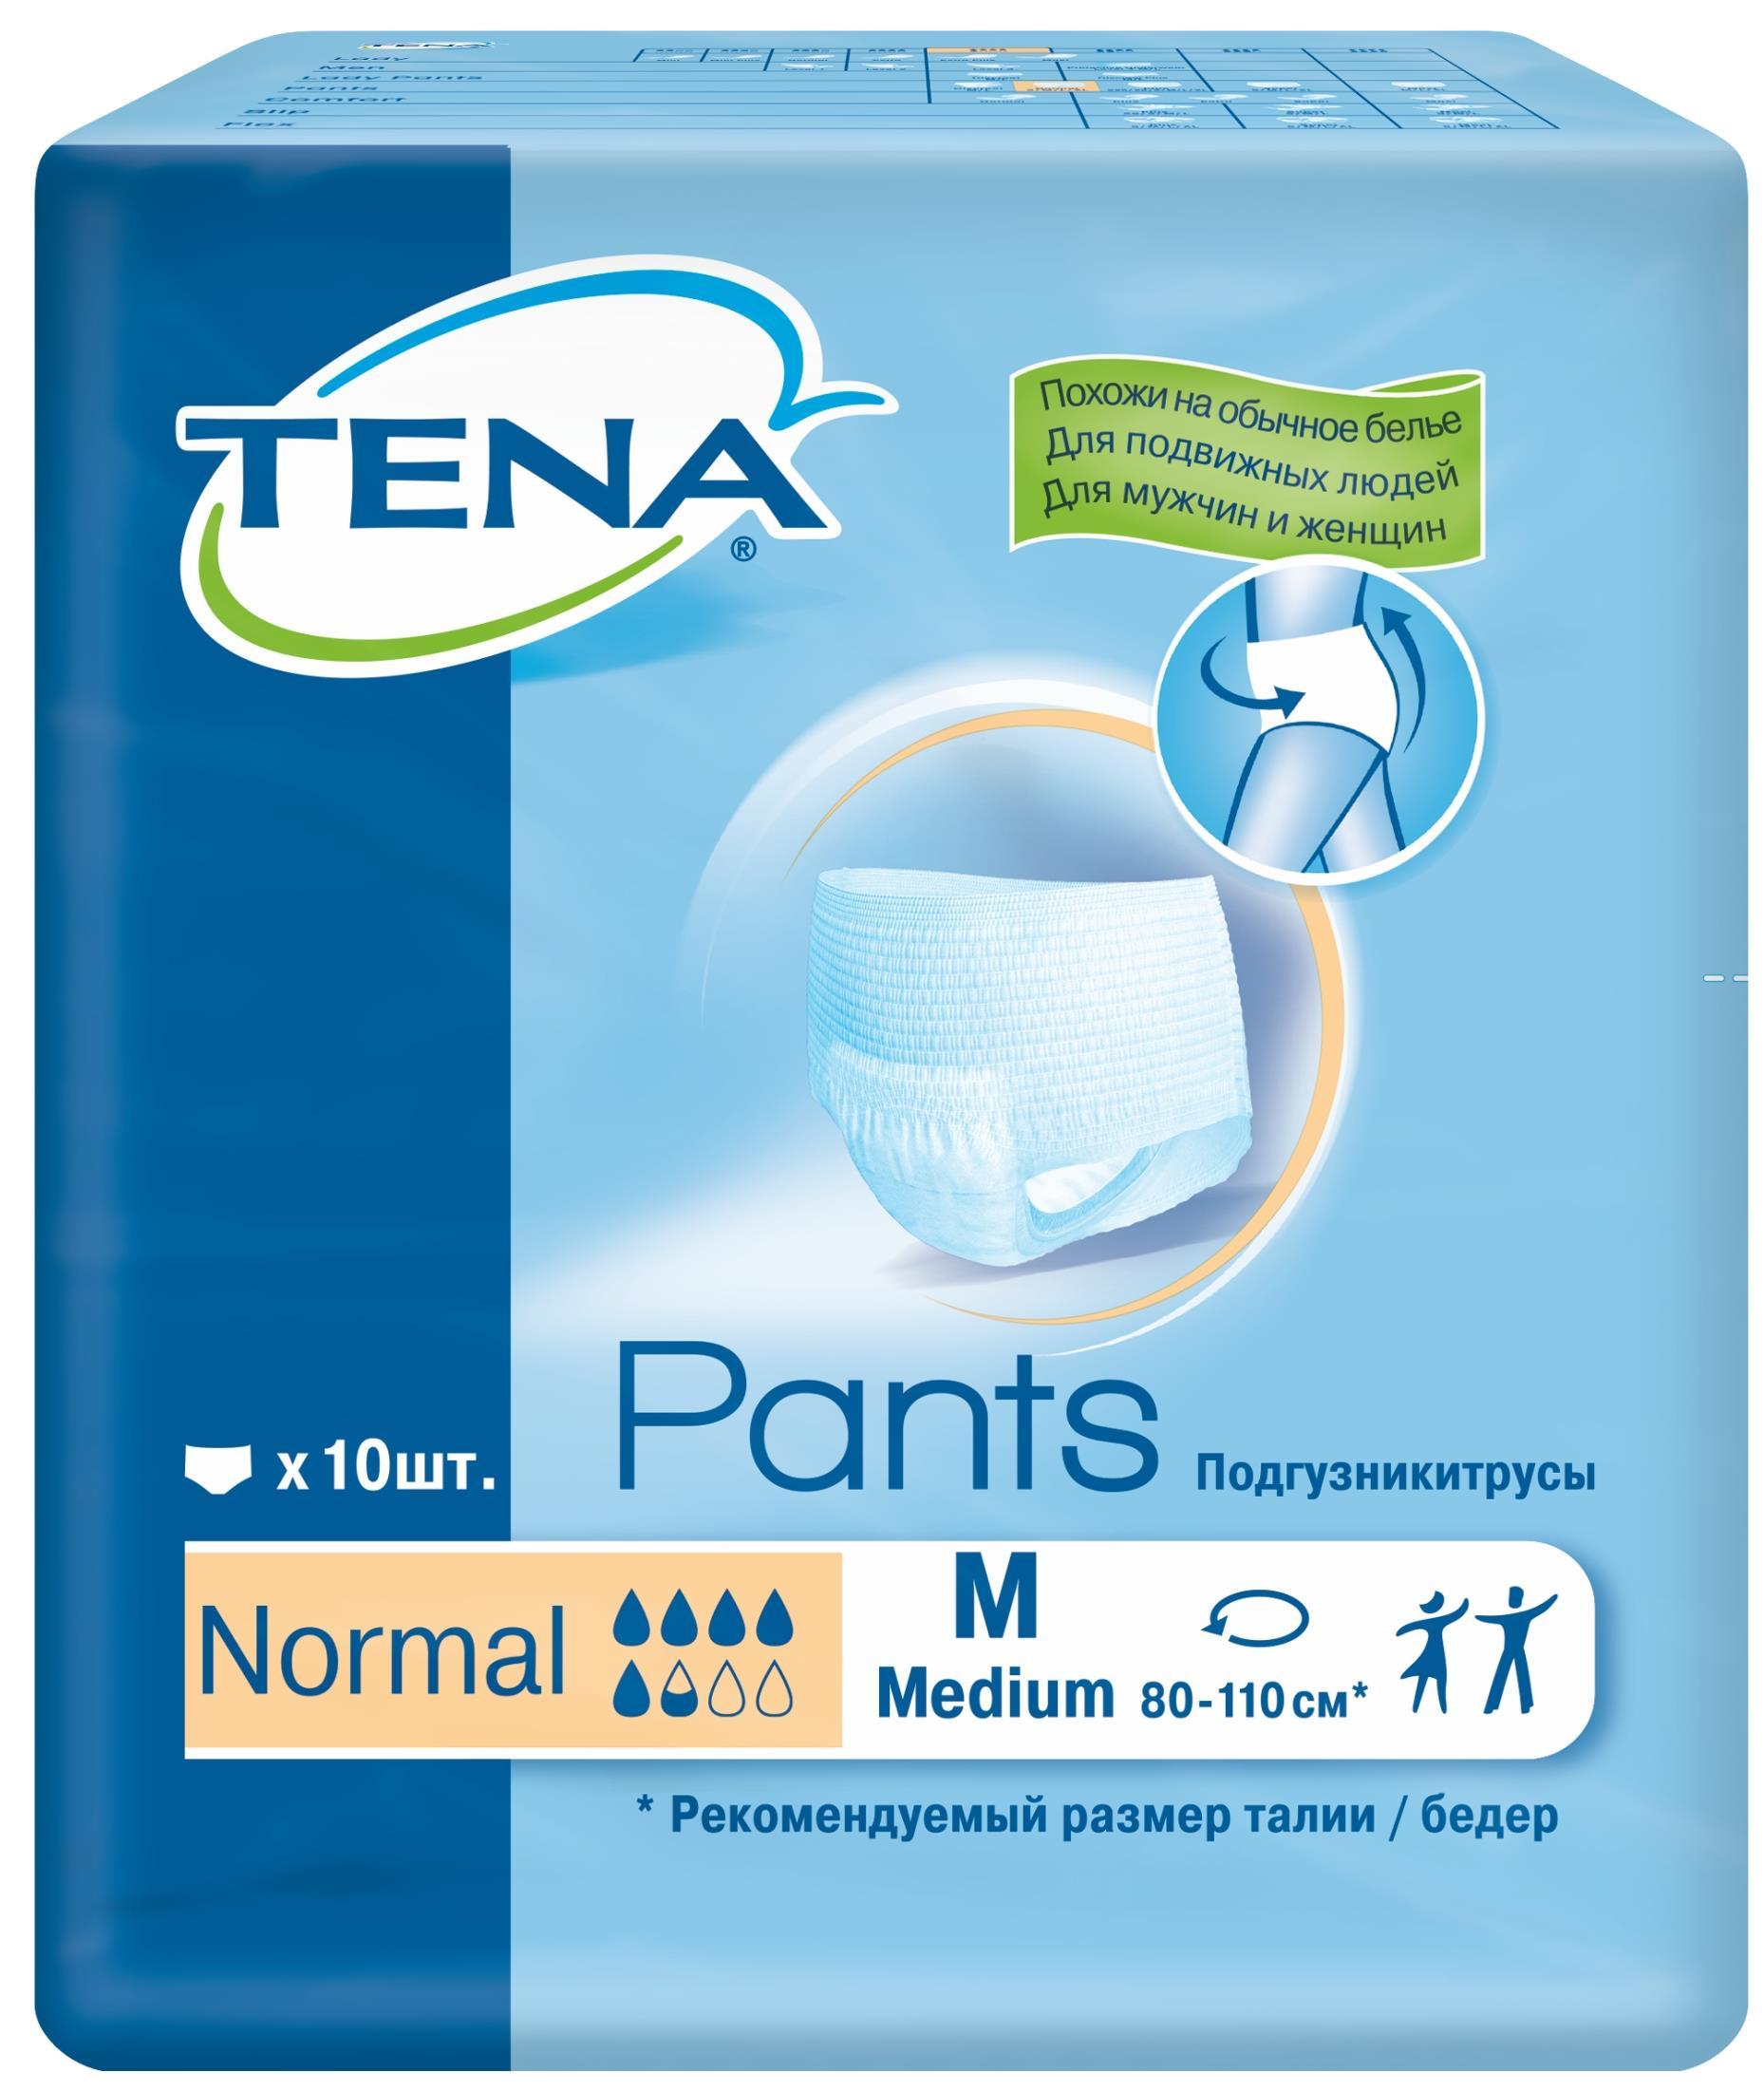 Tena Подгузники-трусы для взрослых Pants Normal M 10 штAL-83734557Подгузники-трусы Tena Pants плотно прилегают к телу, обеспечивая защиту и уверенность независимо от вашегообраза жизни. Подгузники-трусы легко надевают как обычное нижнее белье.Подгузники-трусы созданы для надежной защиты активных людей, столкнувшихся с недержанием. Они незаметныпод одеждой и обеспечивают надежную защиту. Tena Pants просты в использовании, как обычное белье.Инновационный компактный впитывающий слой быстро поглощает даже большой объем влаги. Двойные барьерынадежно защищают от протеканий, даже при полном опорожнении мочевого пузыря. Система Odour Neutralizer (ОдорНейтралайзер) предотвращает распространение нежелательного запаха. Обхват талии: 80-110 см